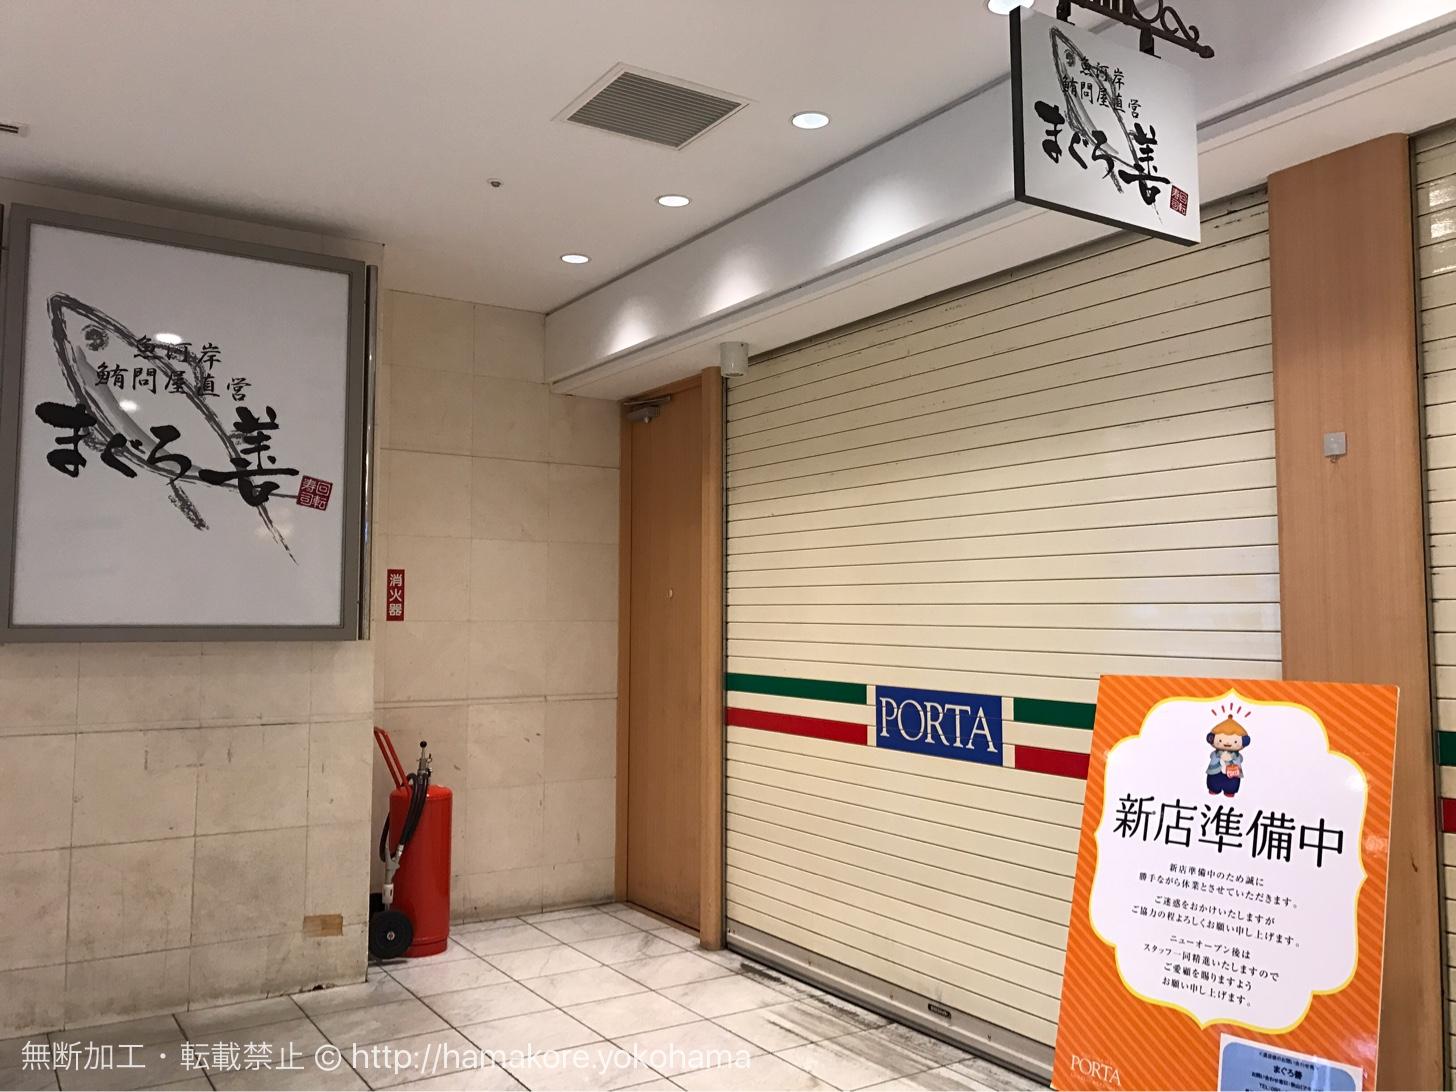 ポルタ横浜 回転寿司「まぐろ善」が閉店!